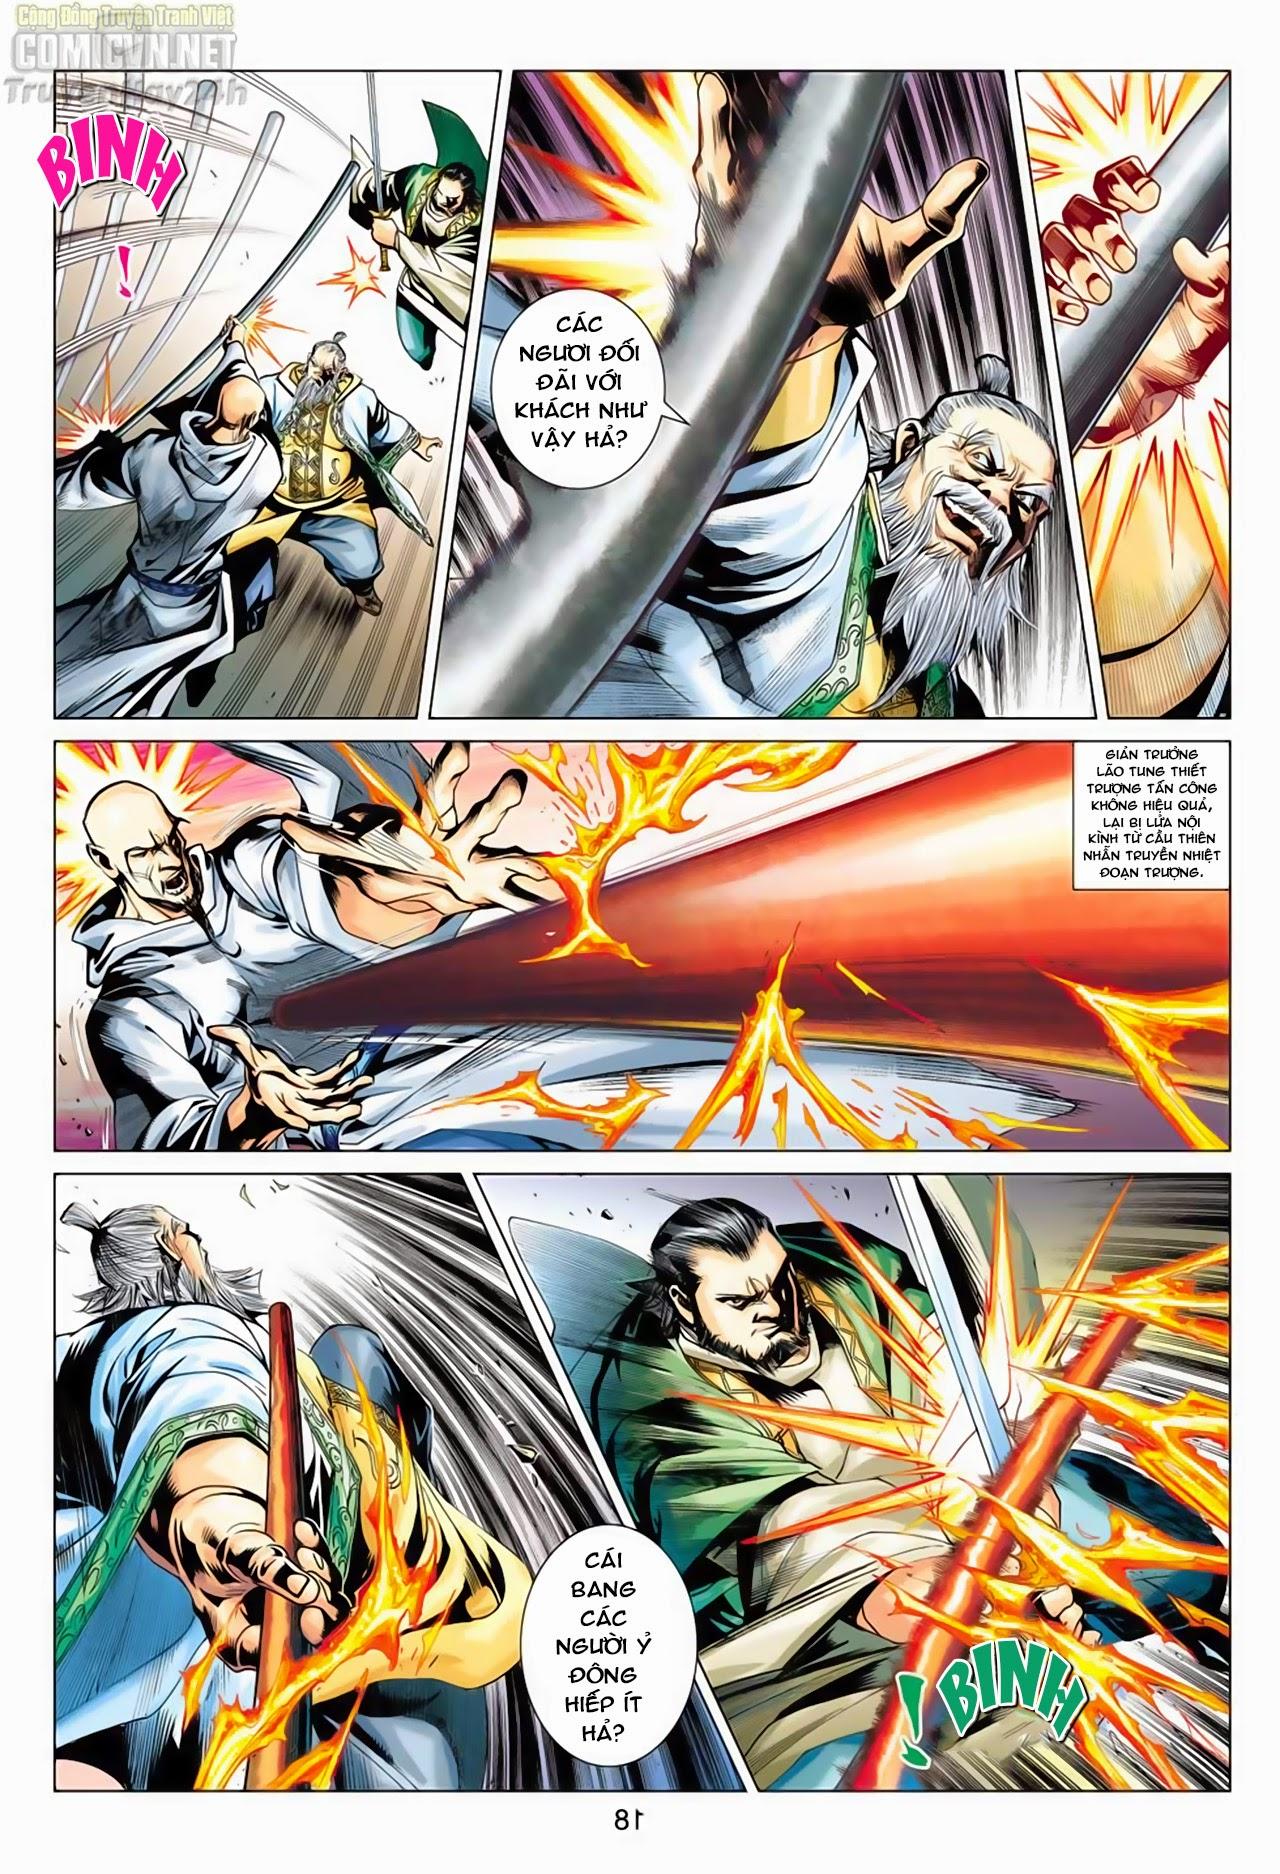 Anh Hùng Xạ Điêu anh hùng xạ đêu chap 66: nhạc châu đại hội trang 18